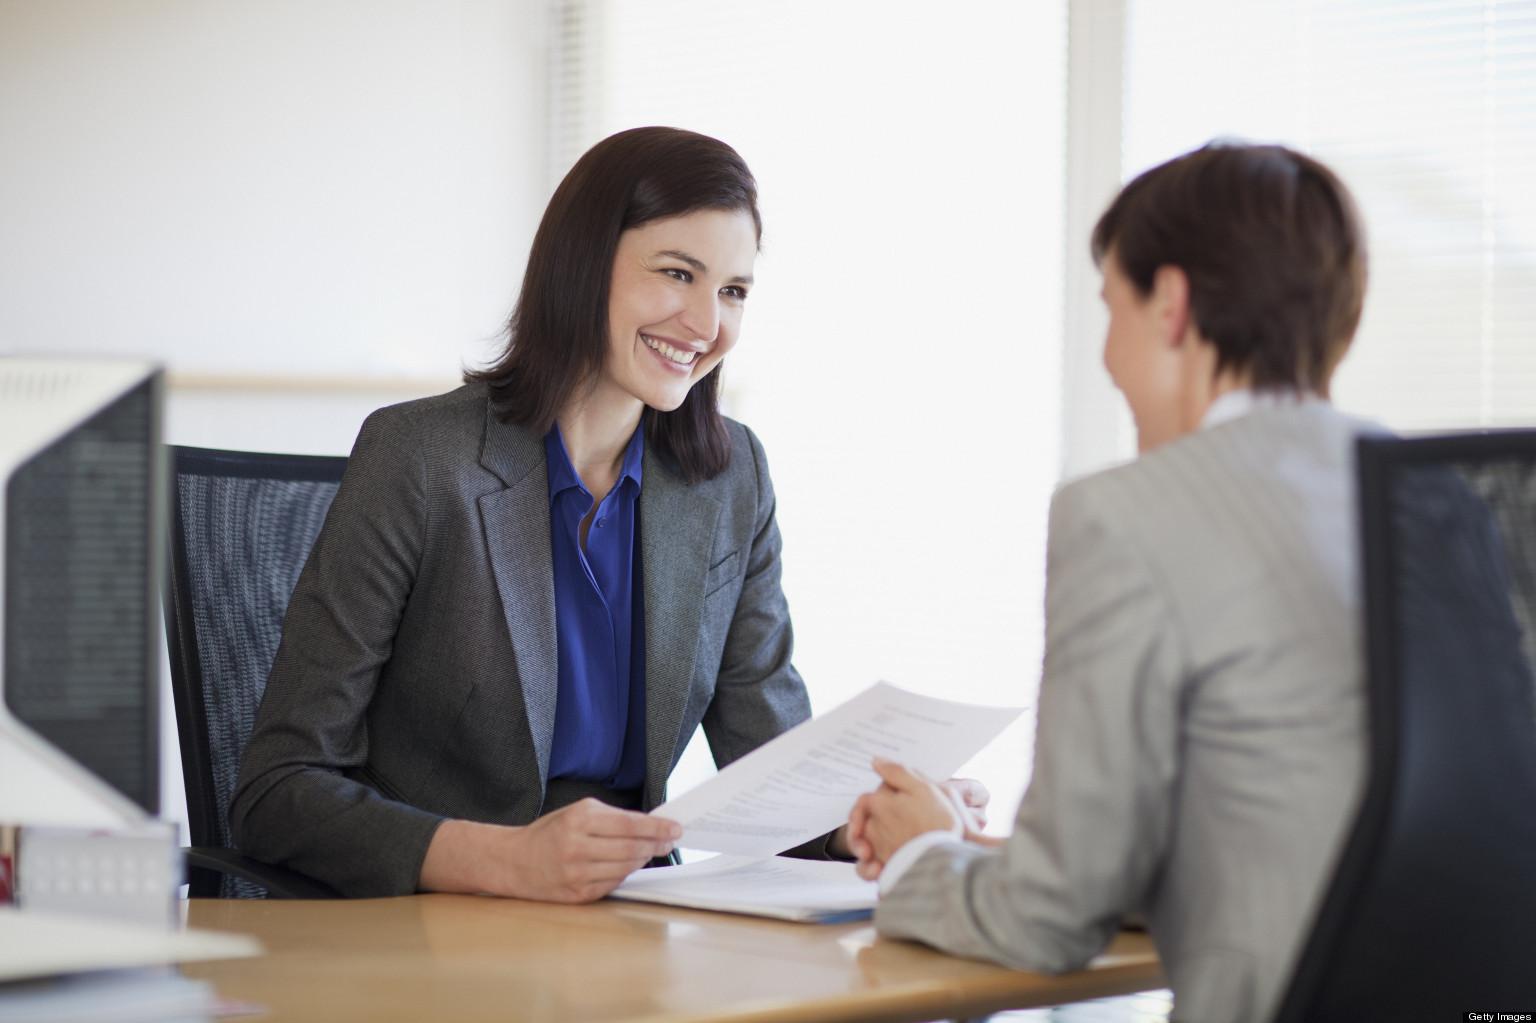 इंटरव्यू के दौरान न करे ऐसी ग़लतियां